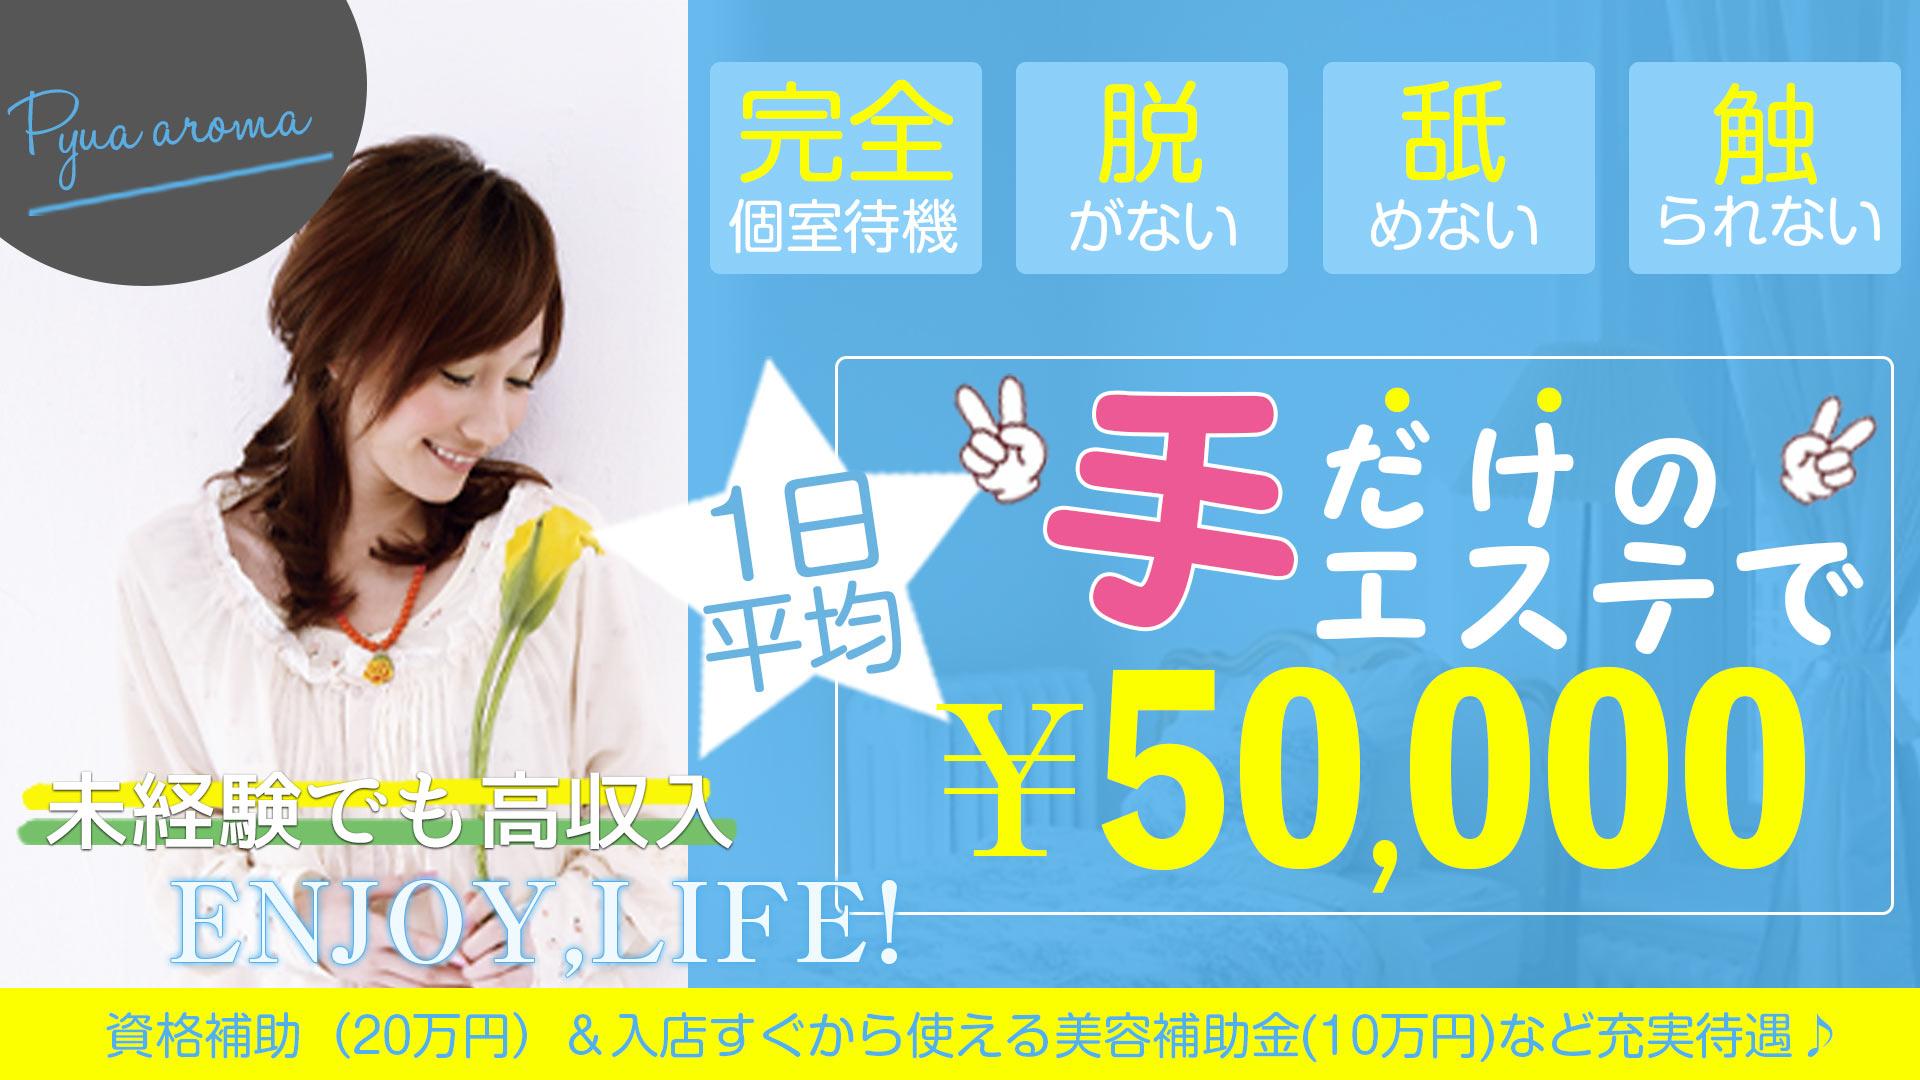 ピュアアロマ神戸の求人画像